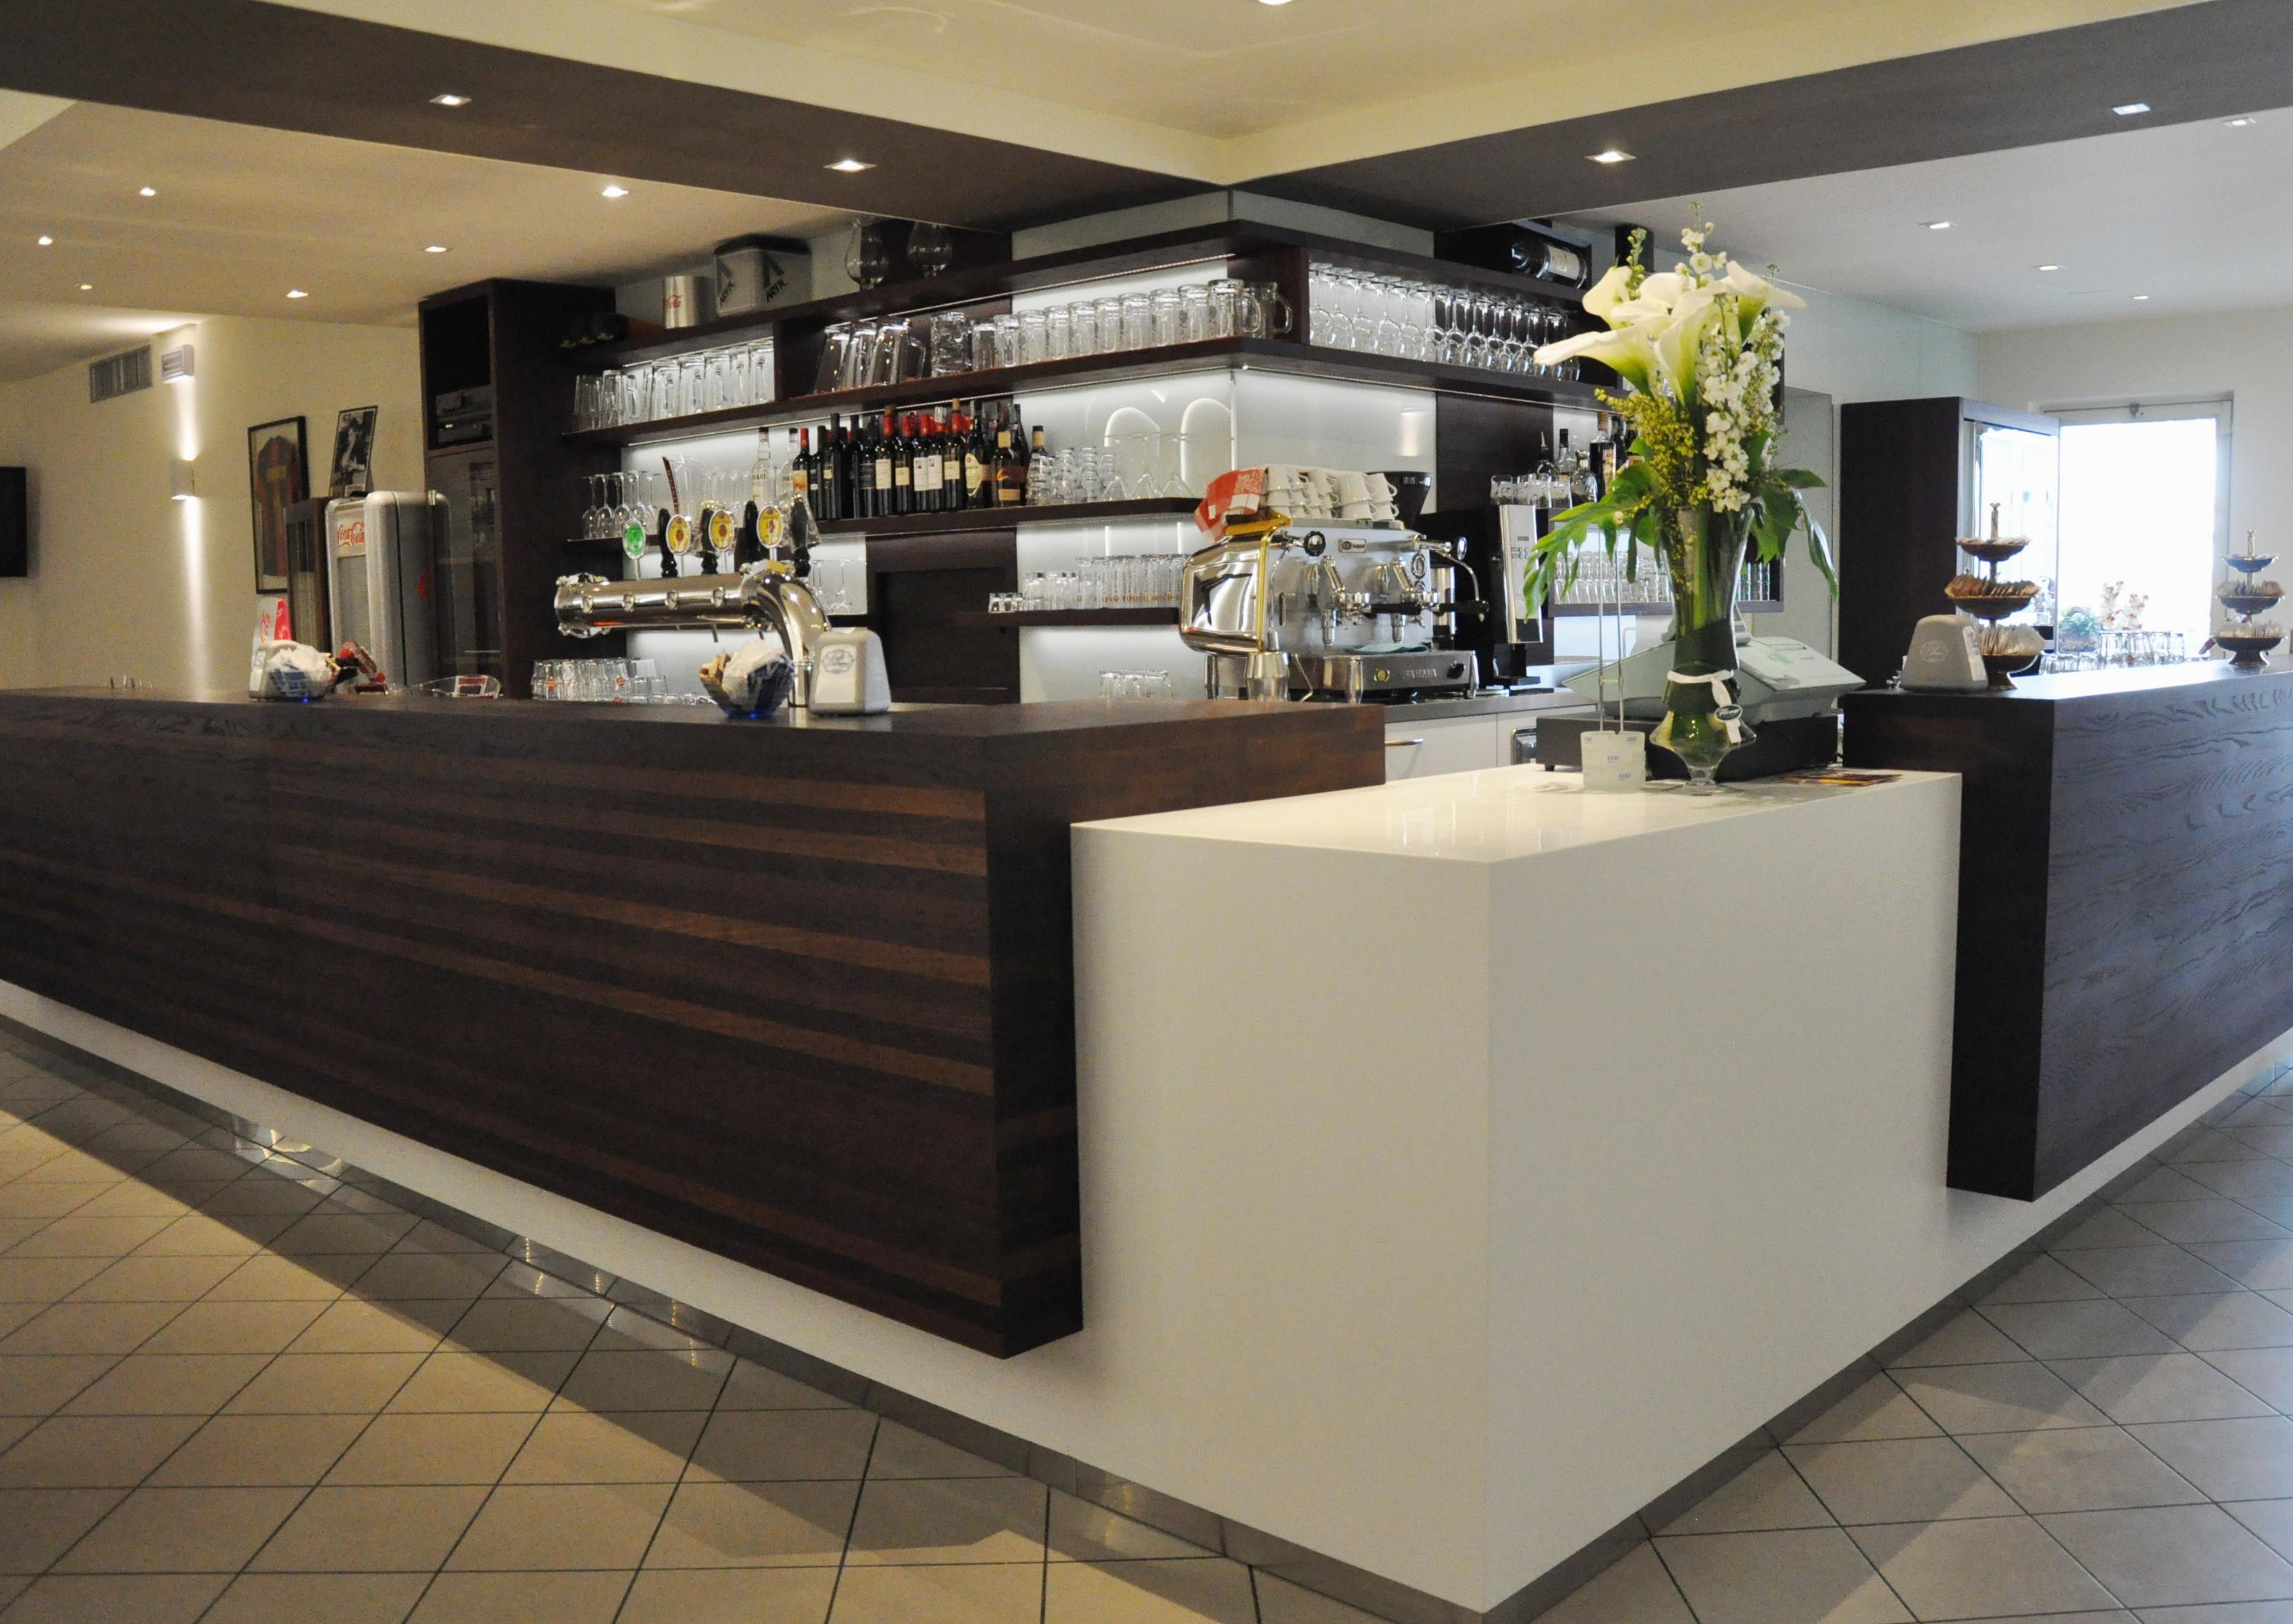 Bancone bar realizzato sumisura produzione madeinitaly for Responsabile produzione arredamento